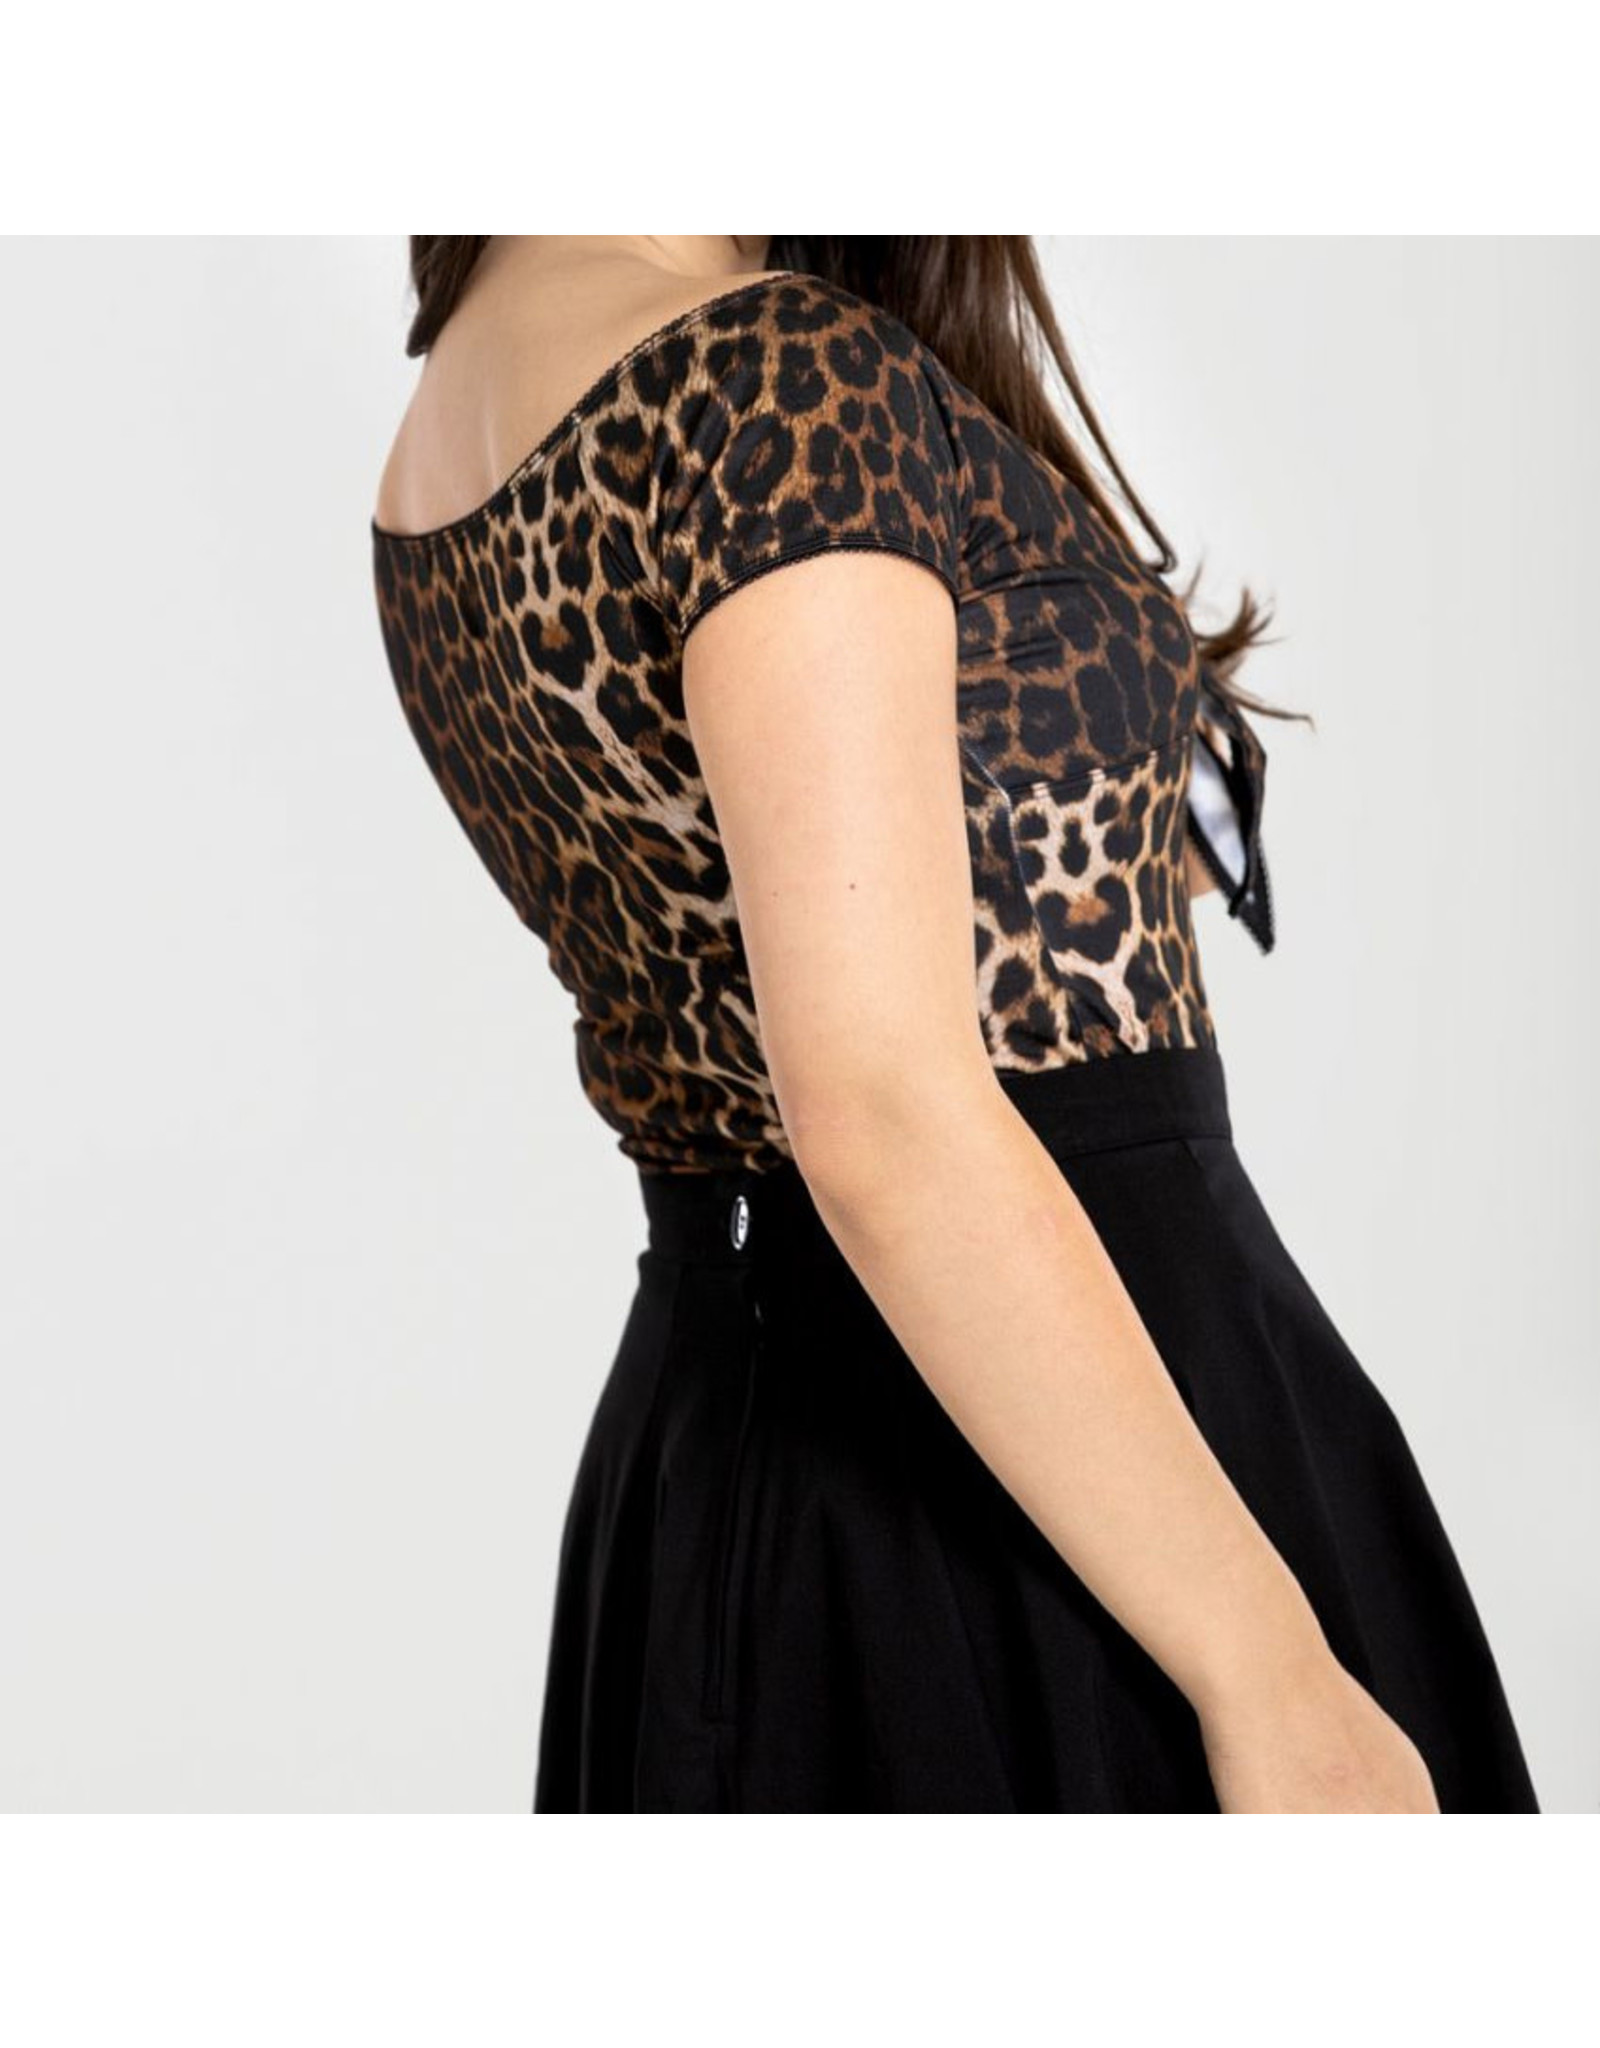 HELL BUNNY - Feline Top Black/Leopard